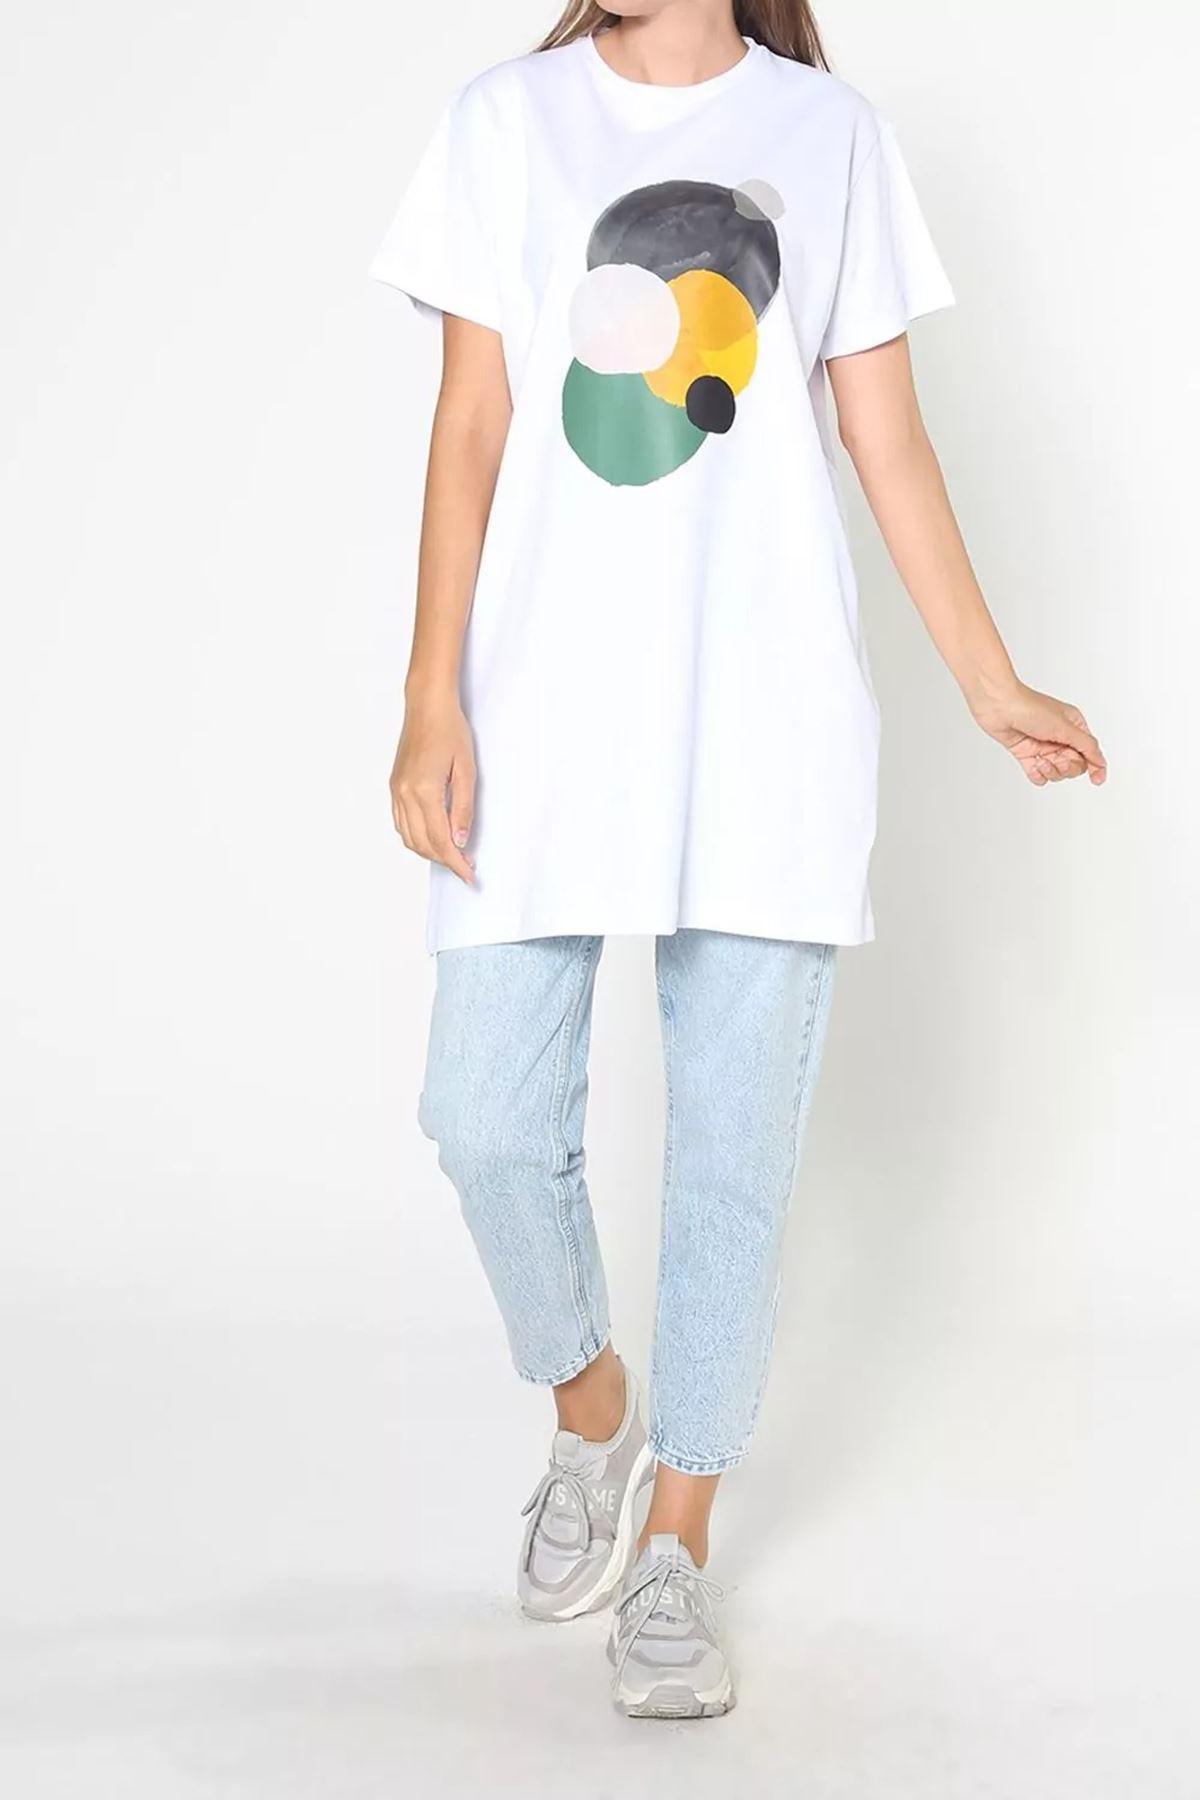 Kadın Baskılı Uzun T-Shirt - Beyaz